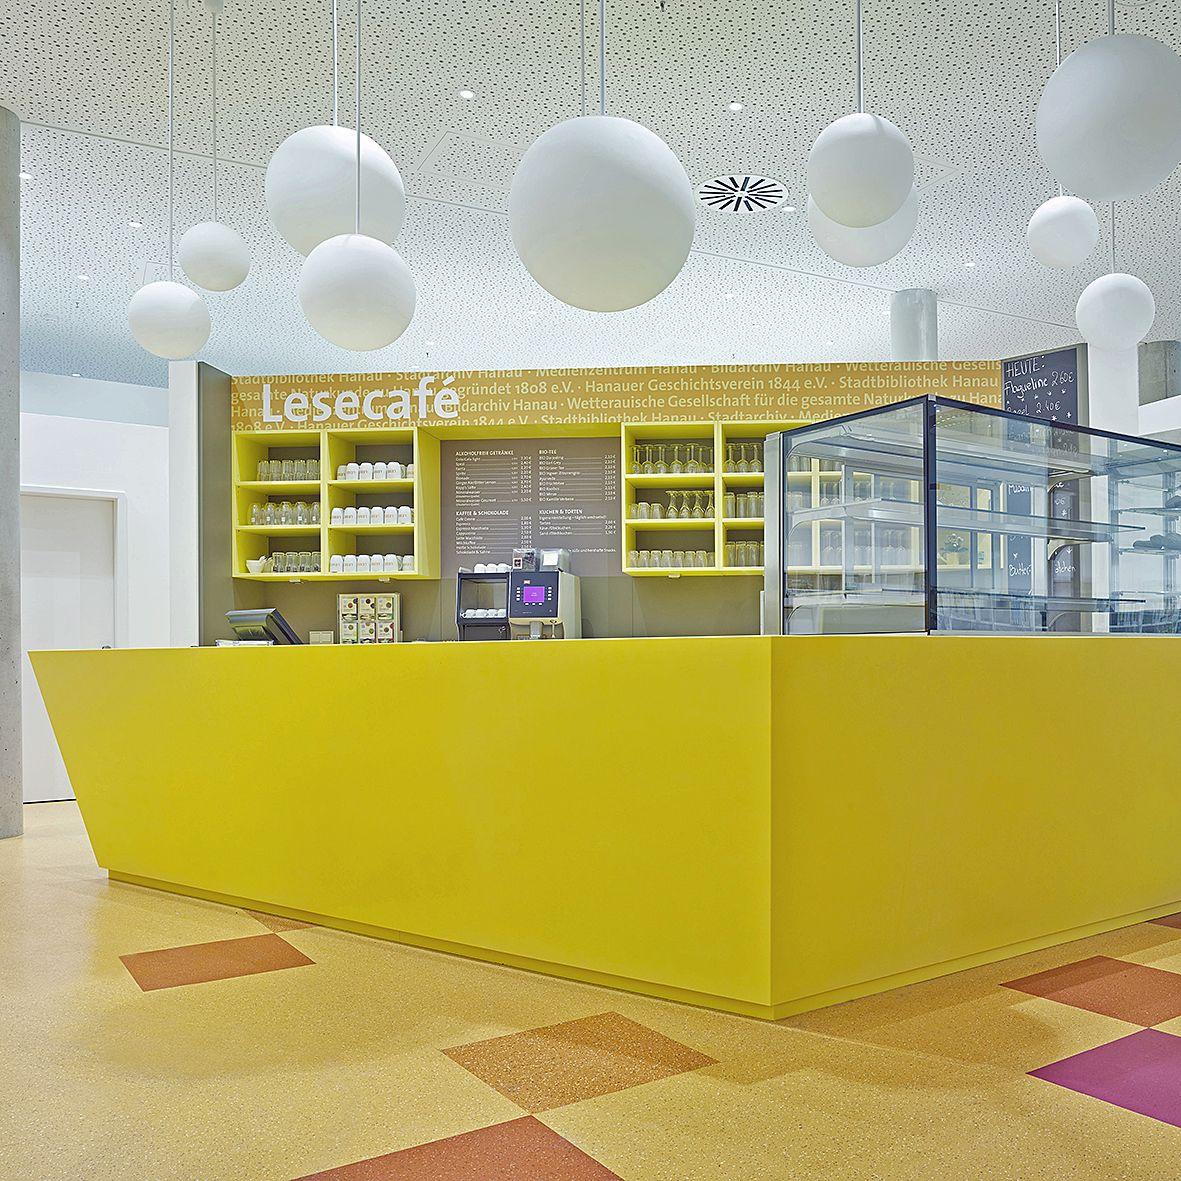 Künstlerisch Hanau Möbel Ideen Von Freies Design In Vielen Farben Für Möbel,